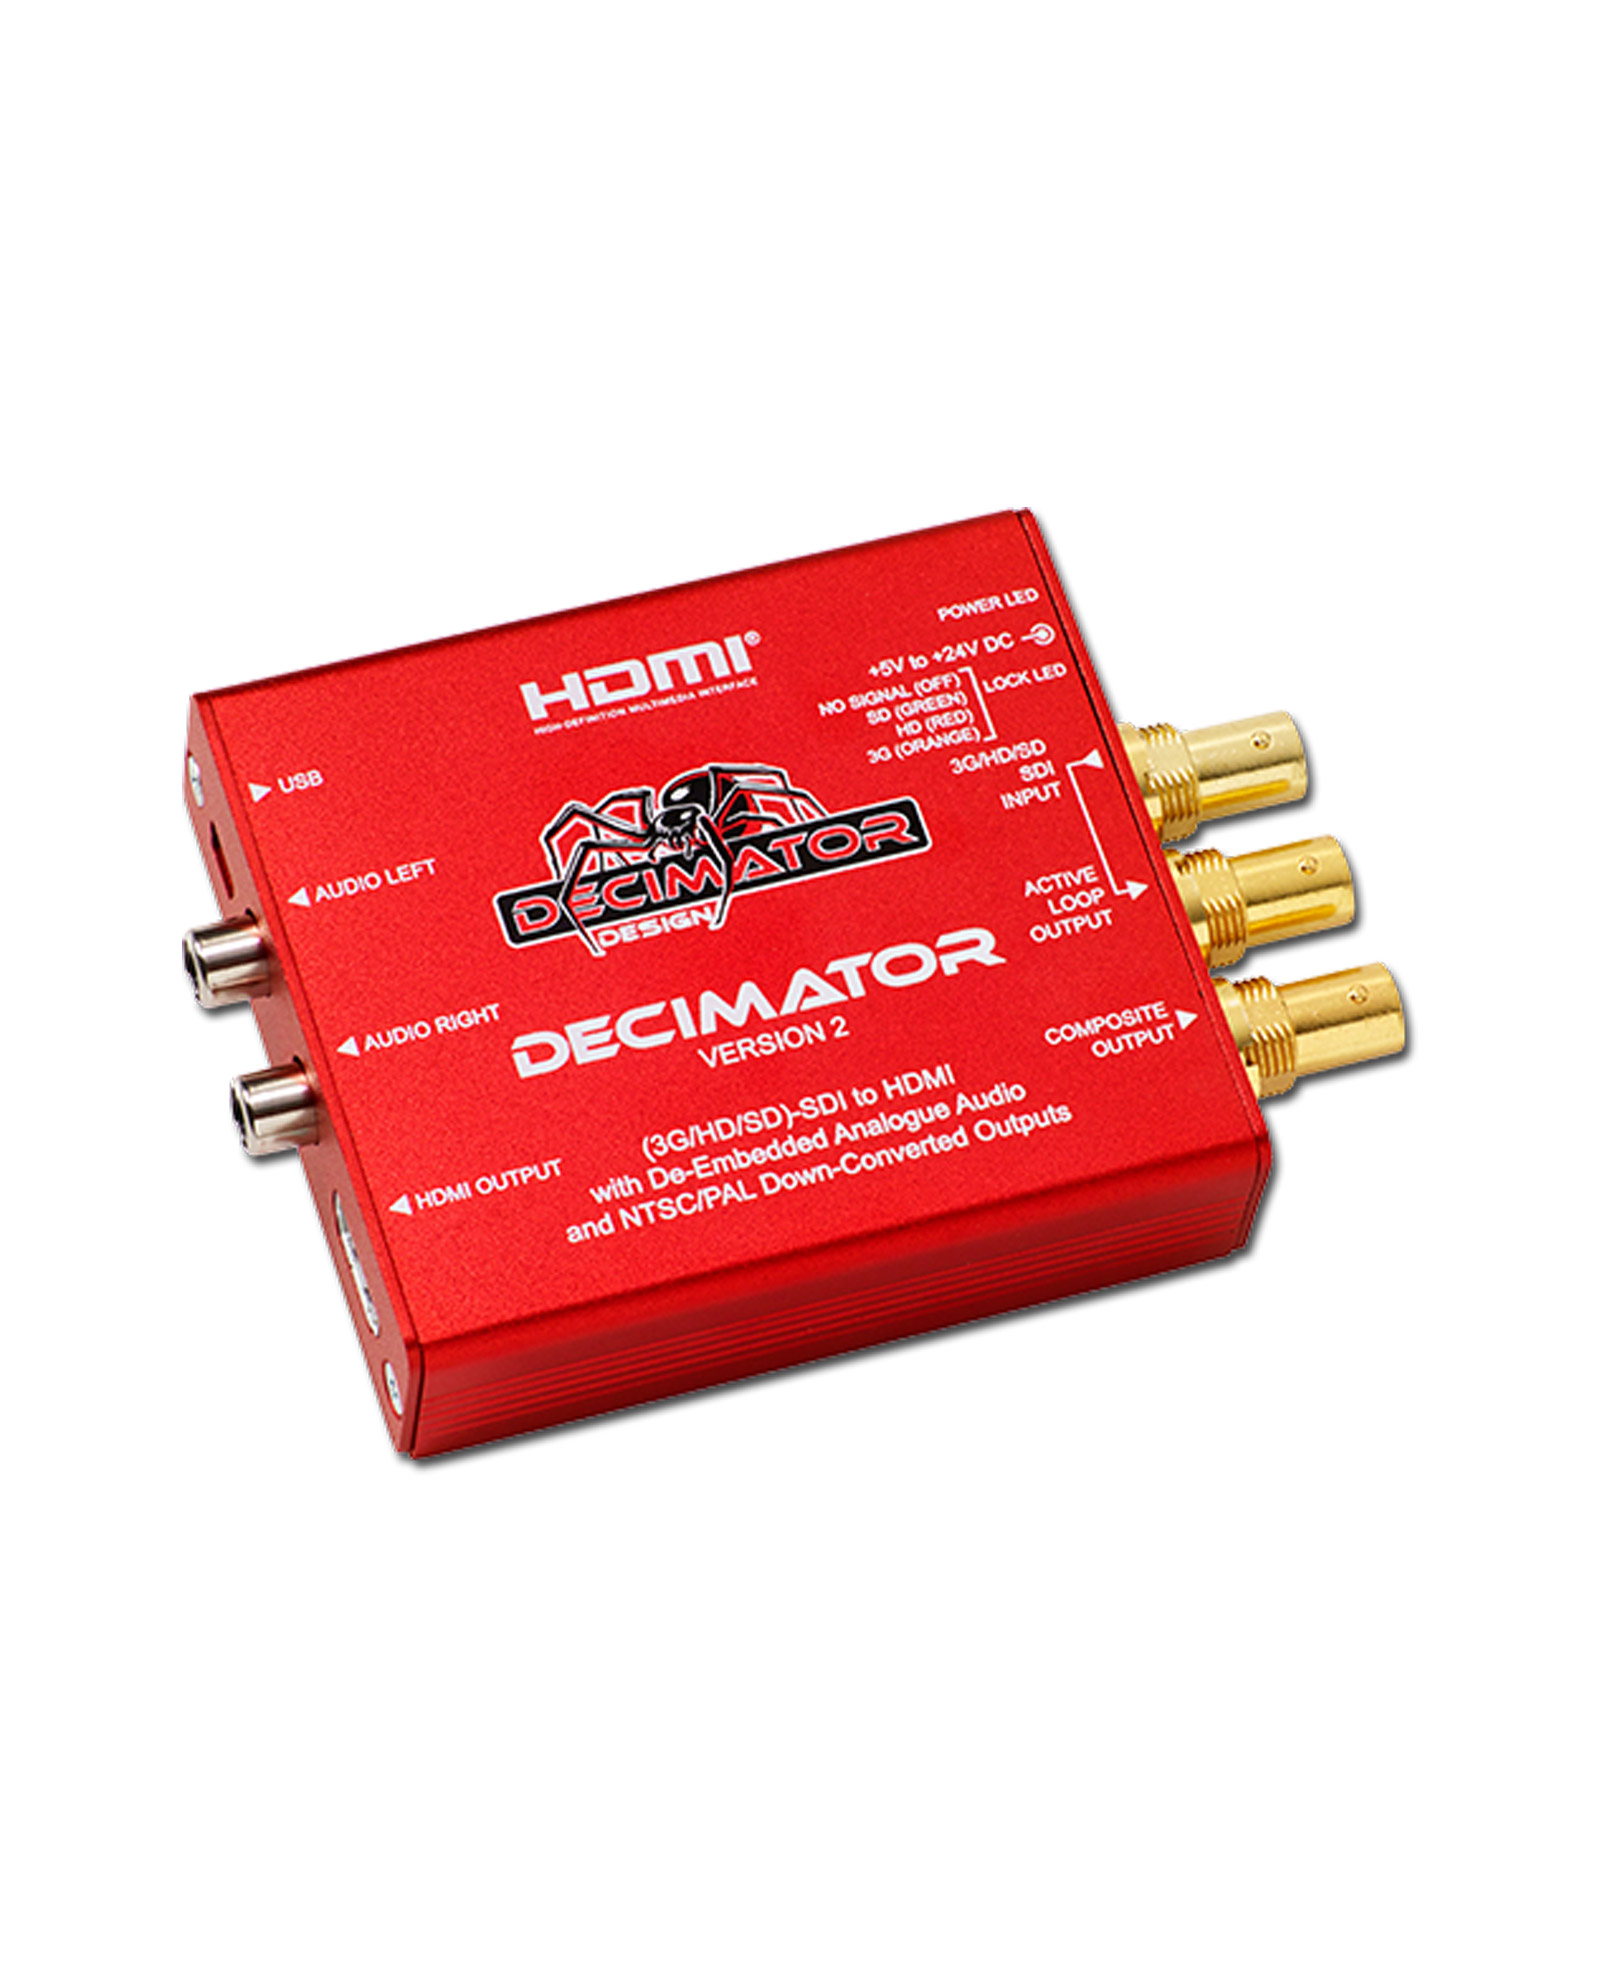 Decimator Design Decimator 2 3g Hd Sd Sdi To Hdmi With De Embedded Analogue Audio